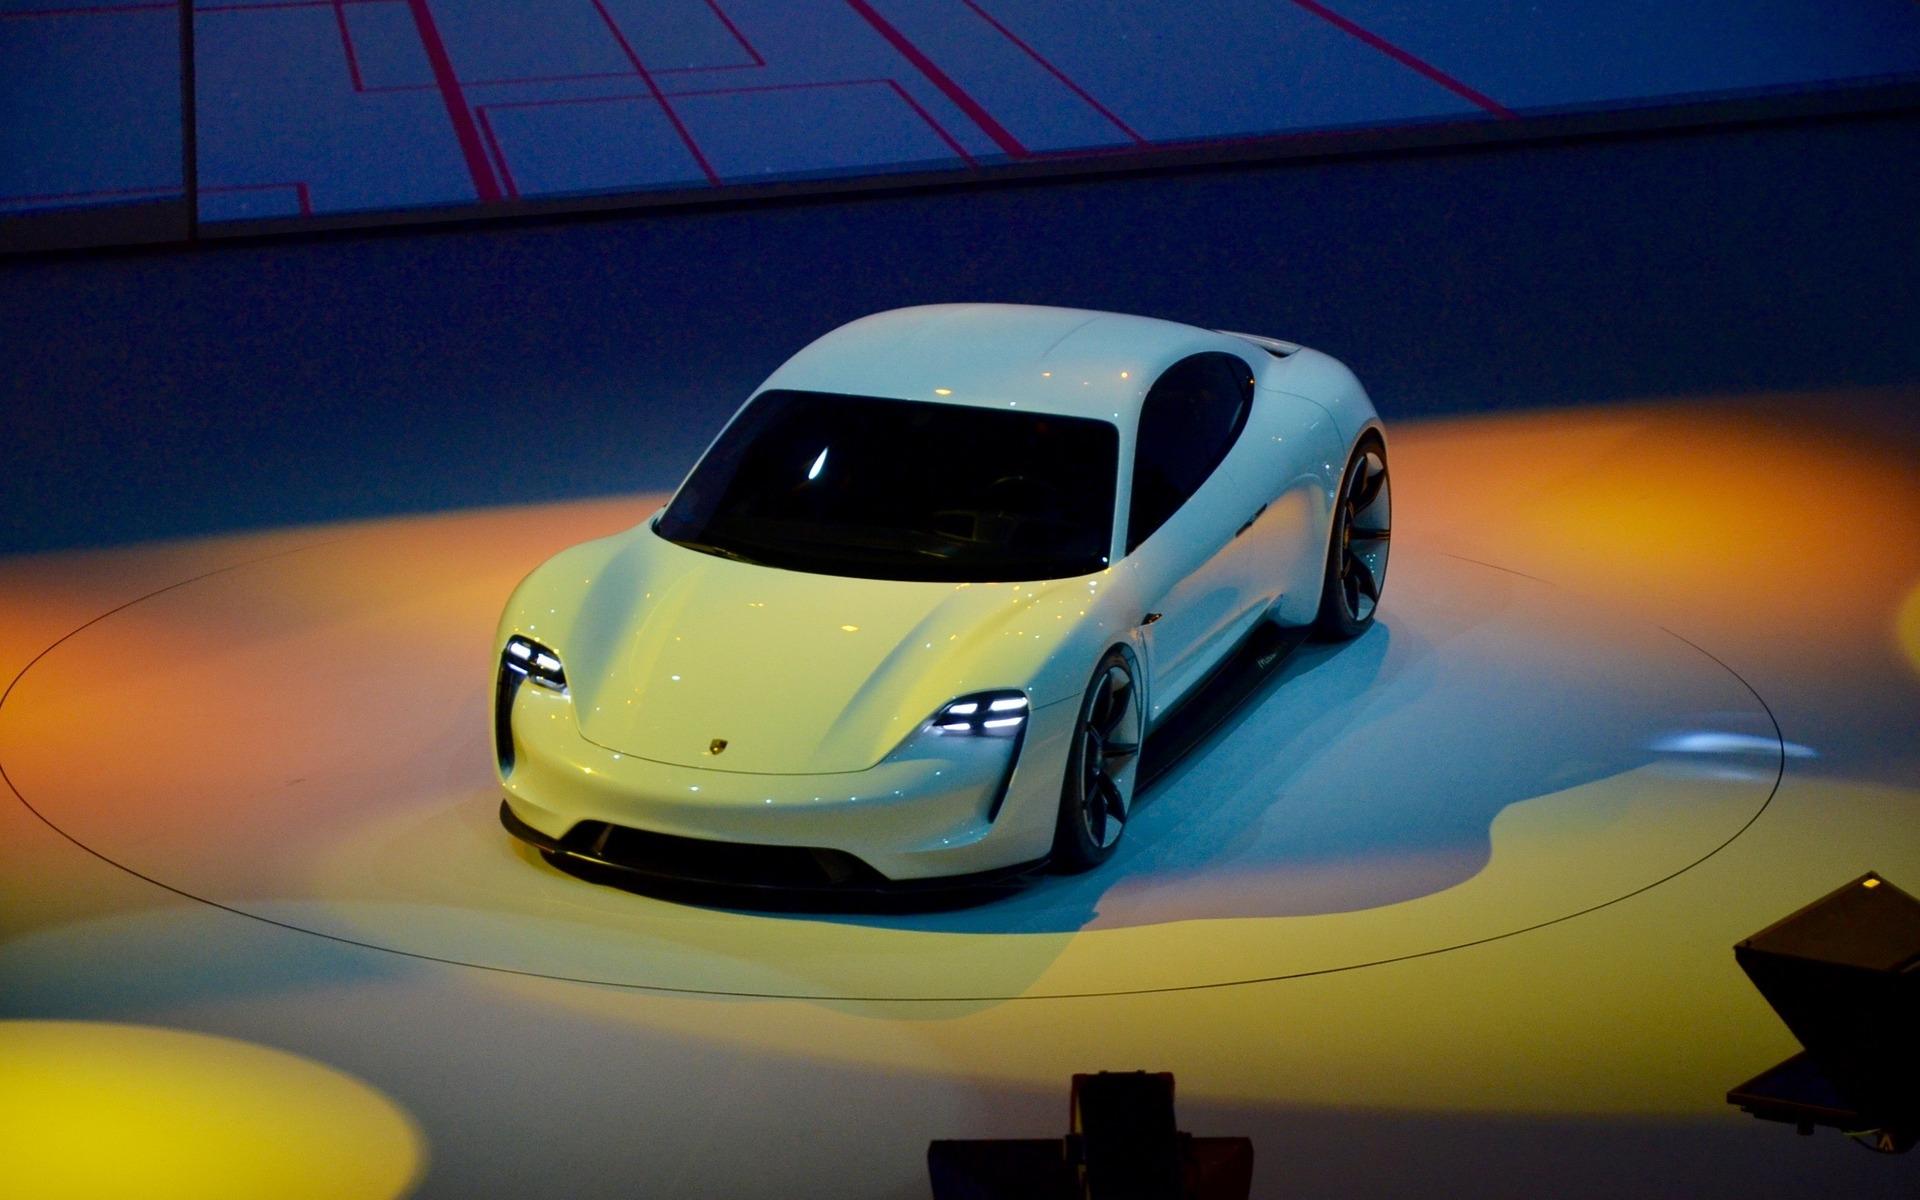 Porsche Mission E >> Porsche Mission E Concept : La chasse à la Tesla Model S est ouverte - 4/14